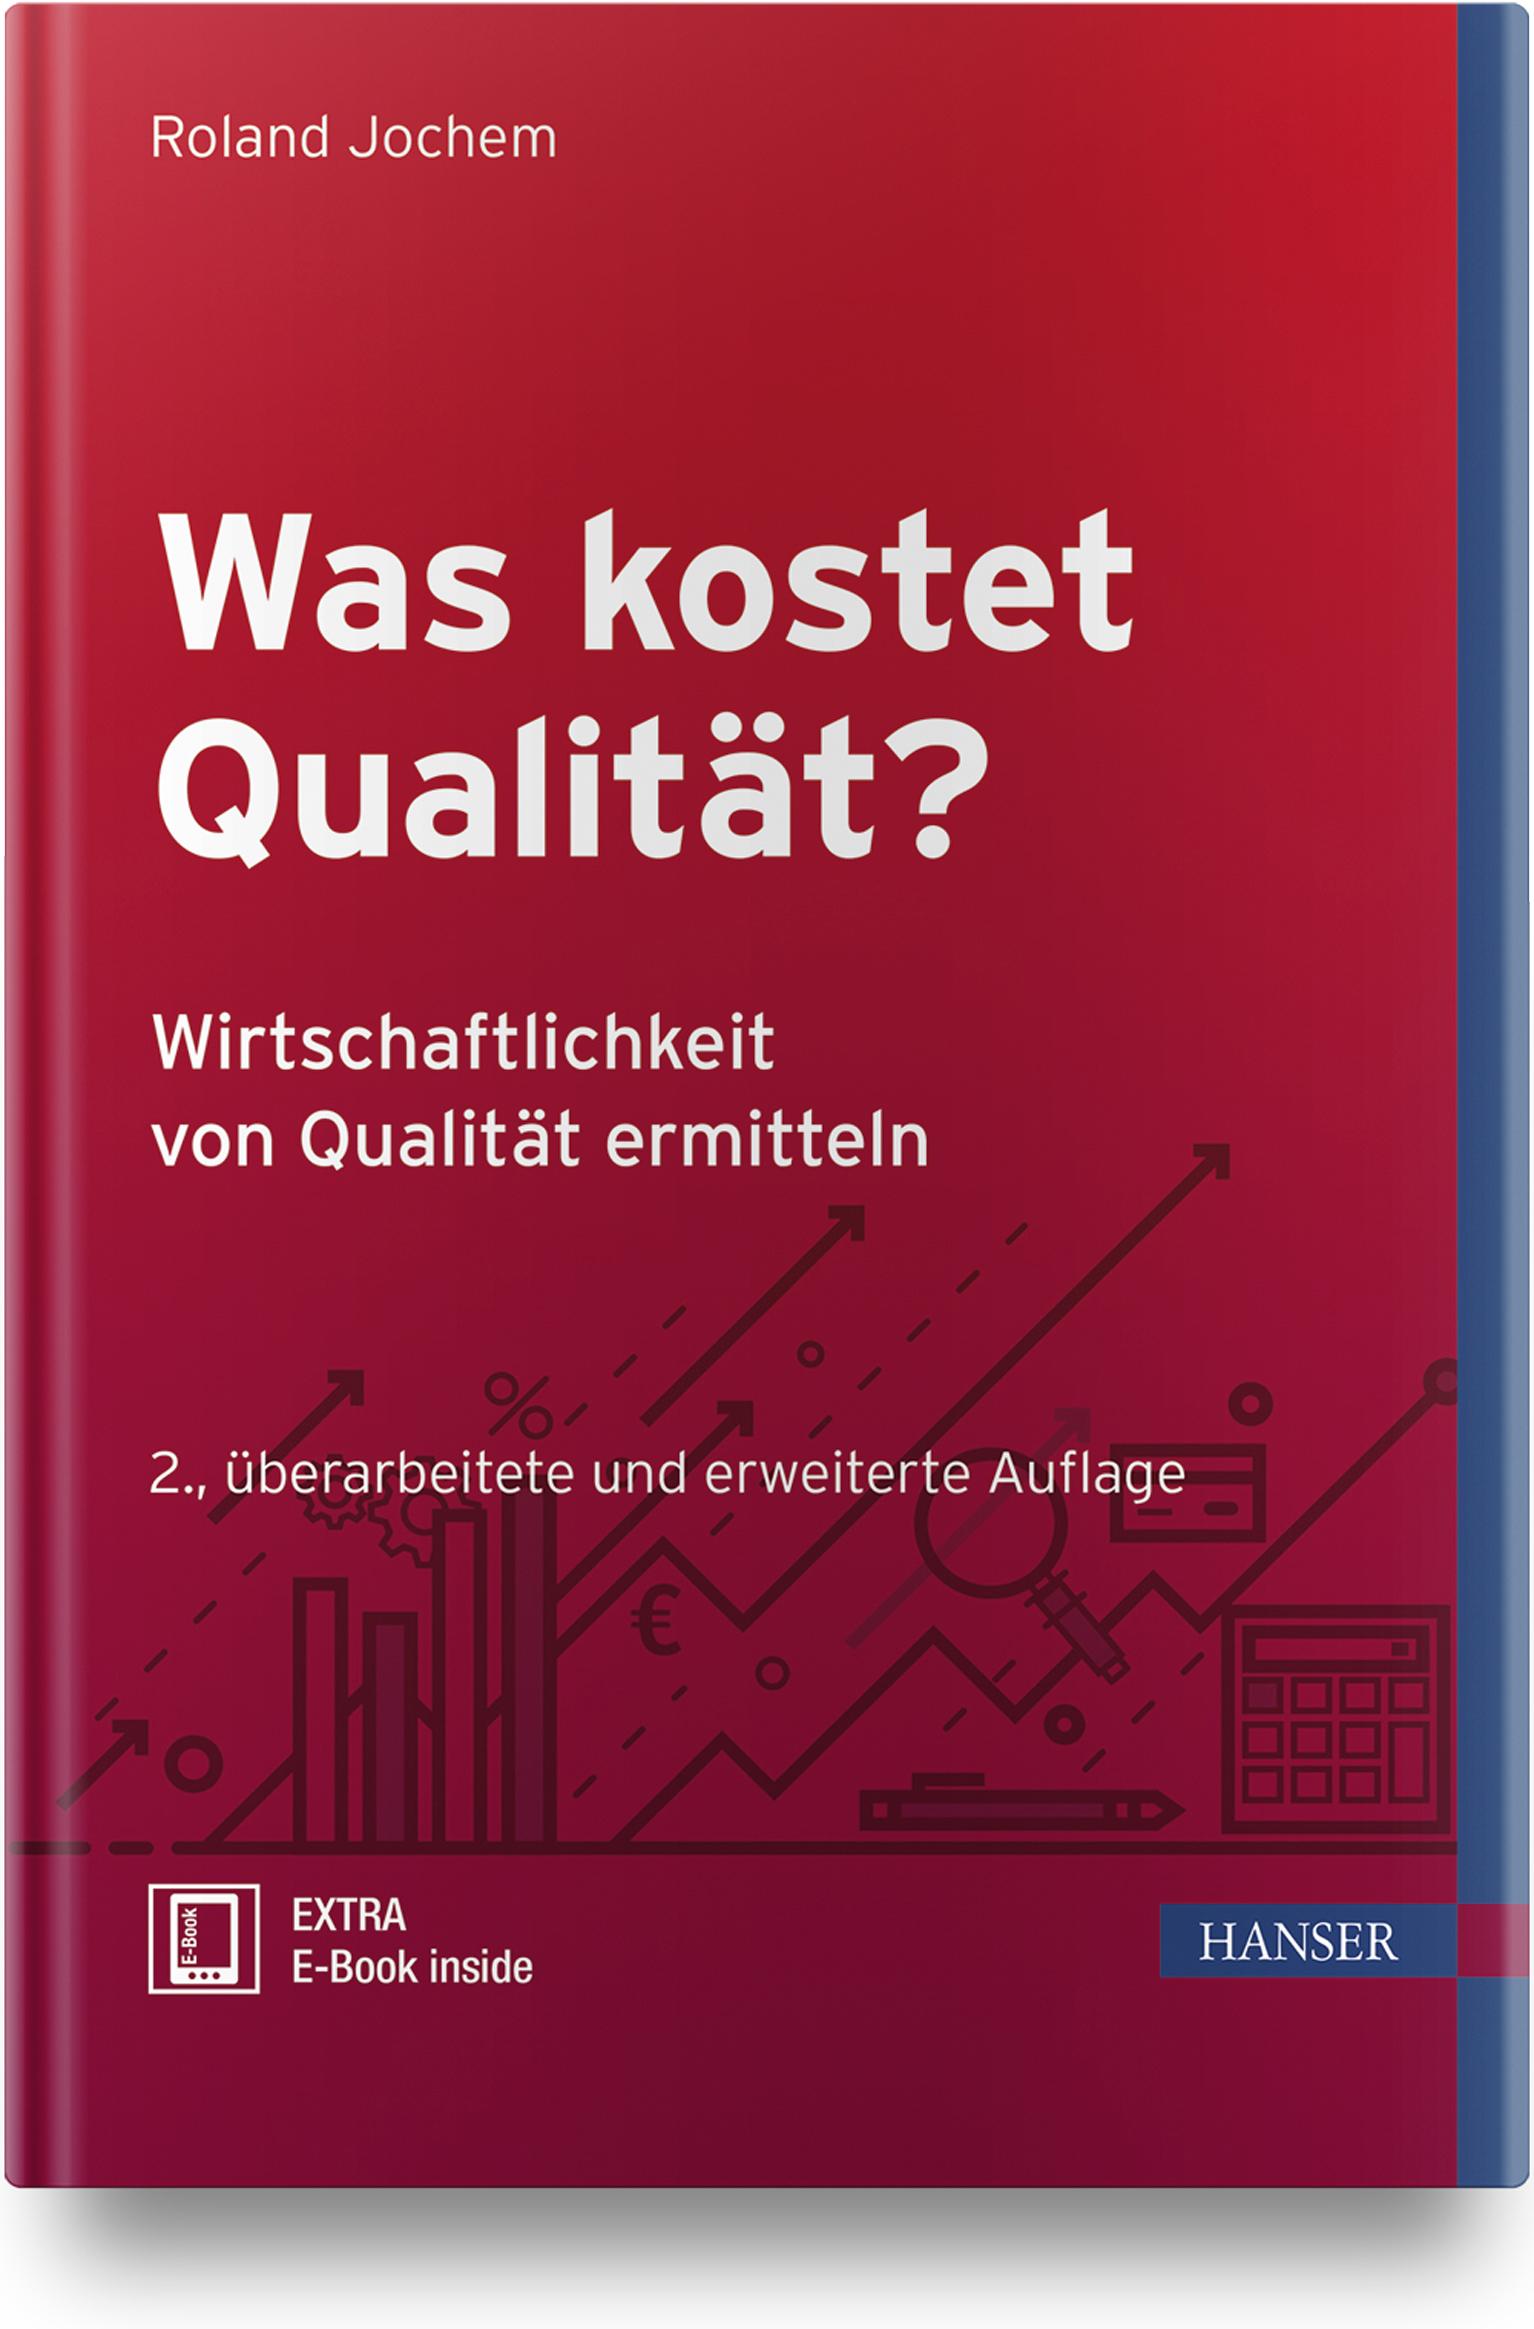 Jochem, Was kostet Qualität? - Wirtschaftlichkeit von Qualität ermitteln, 978-3-446-45343-2